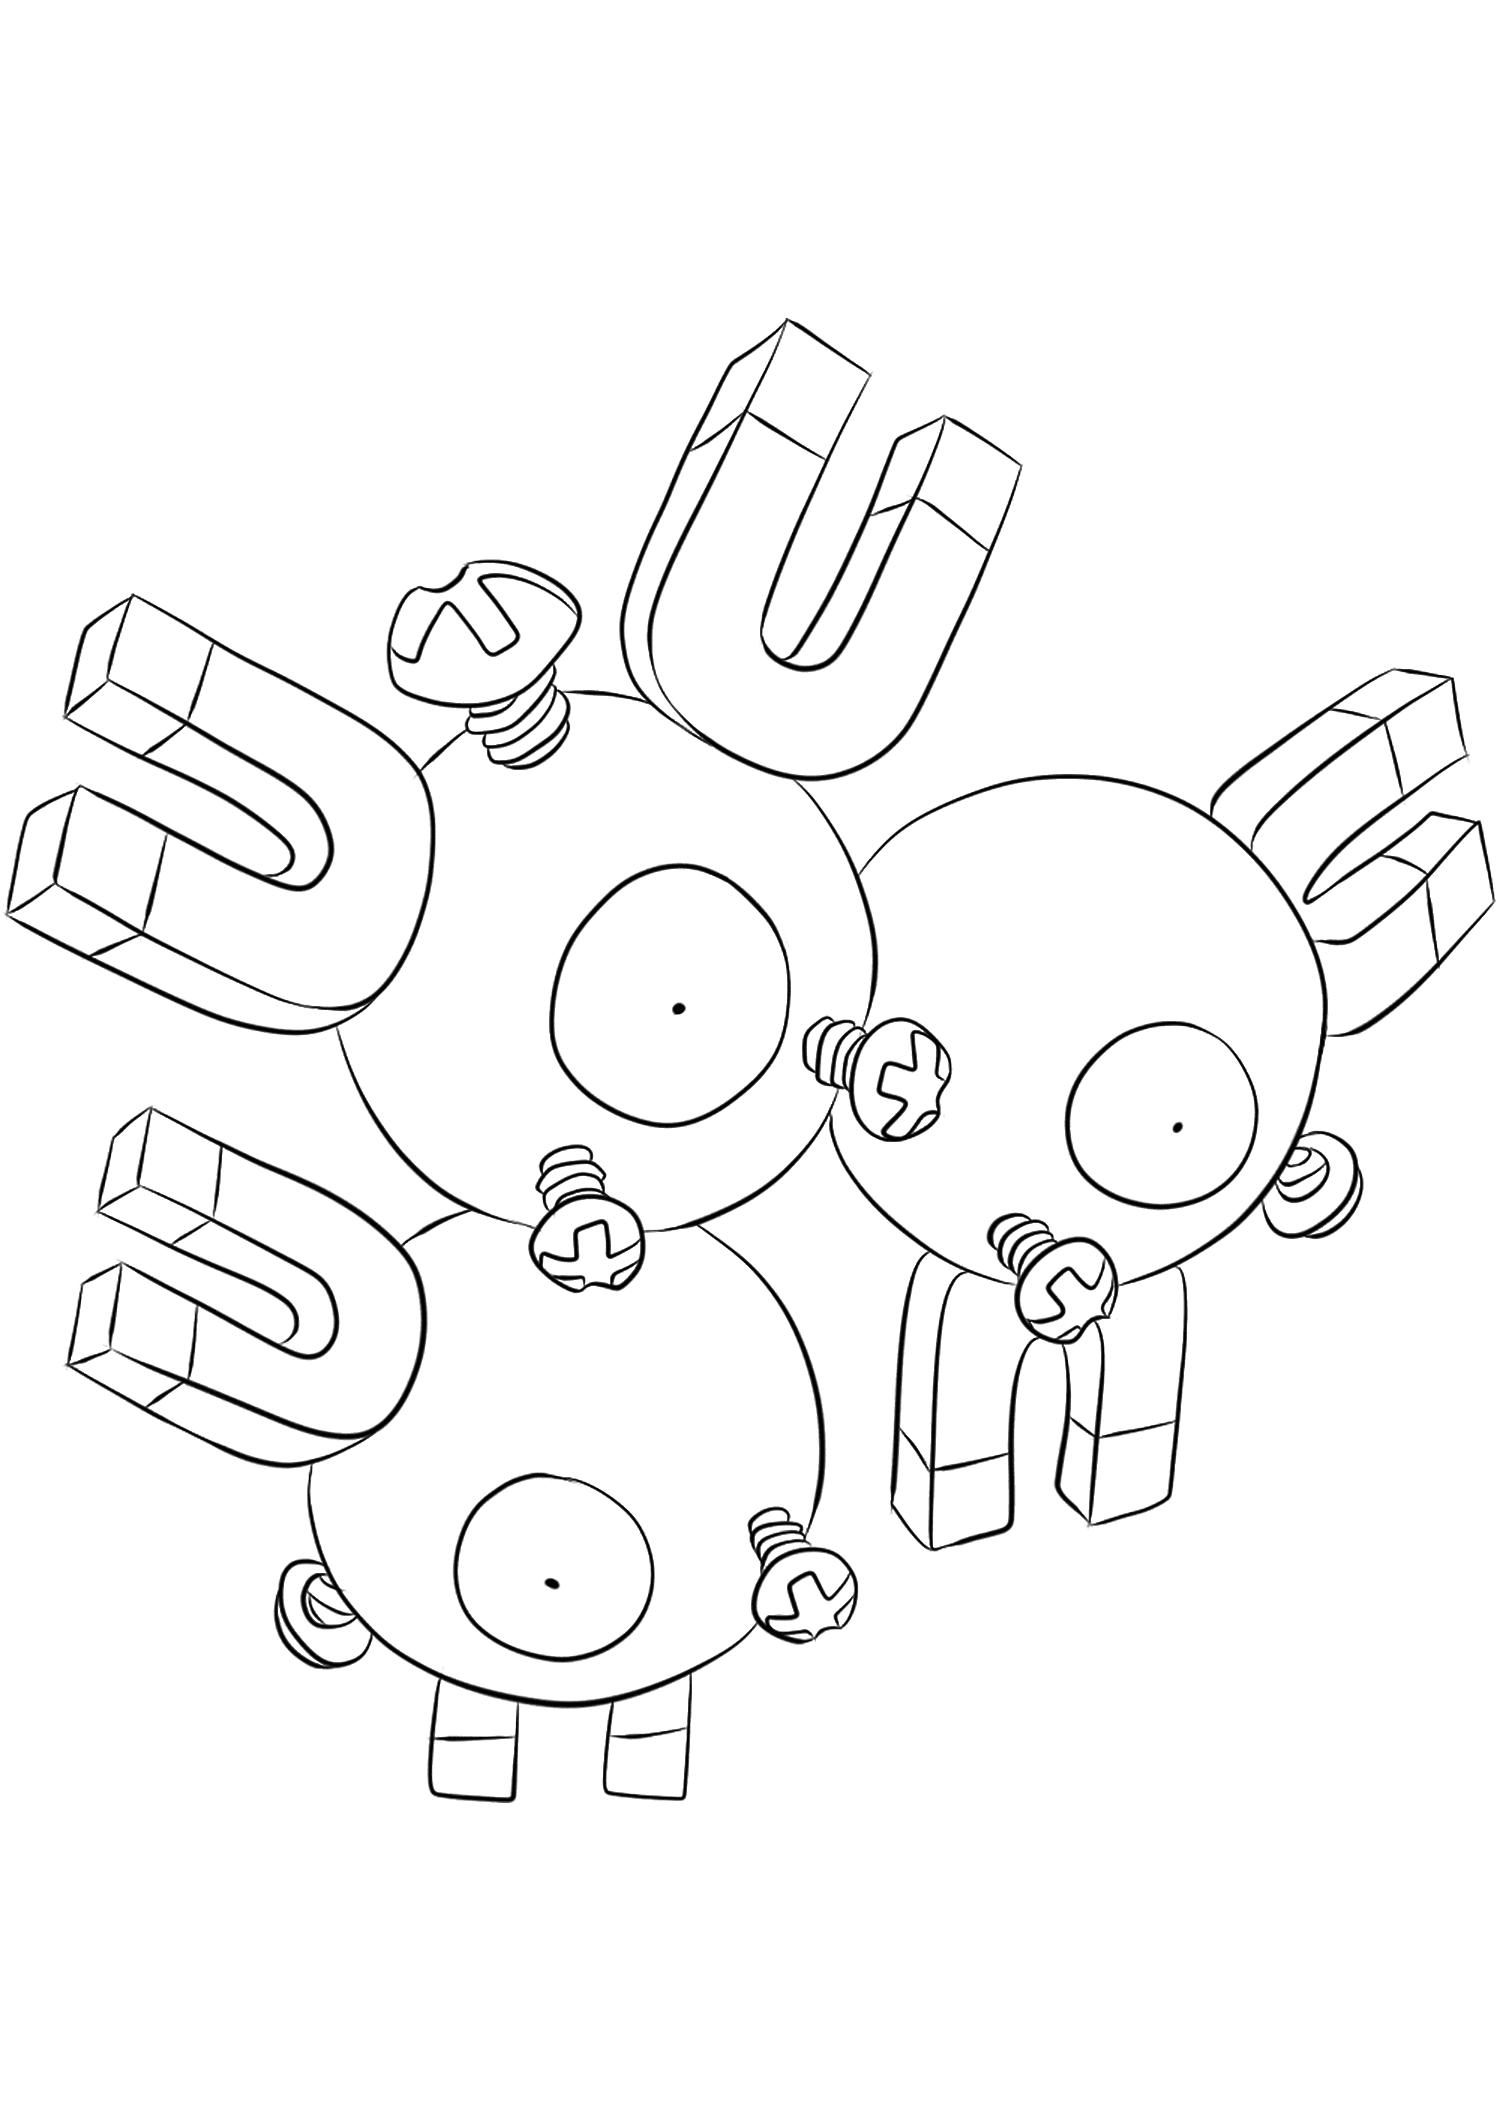 Magnéton (No.82)Coloriage de Magnéton (Magneton), Pokémon de Génération I, de type : Electrik et AcierOriginal image credit: Pokemon linearts by Lilly Gerbil on Deviantart.Permission:  All rights reserved © Pokemon company and Ken Sugimori.